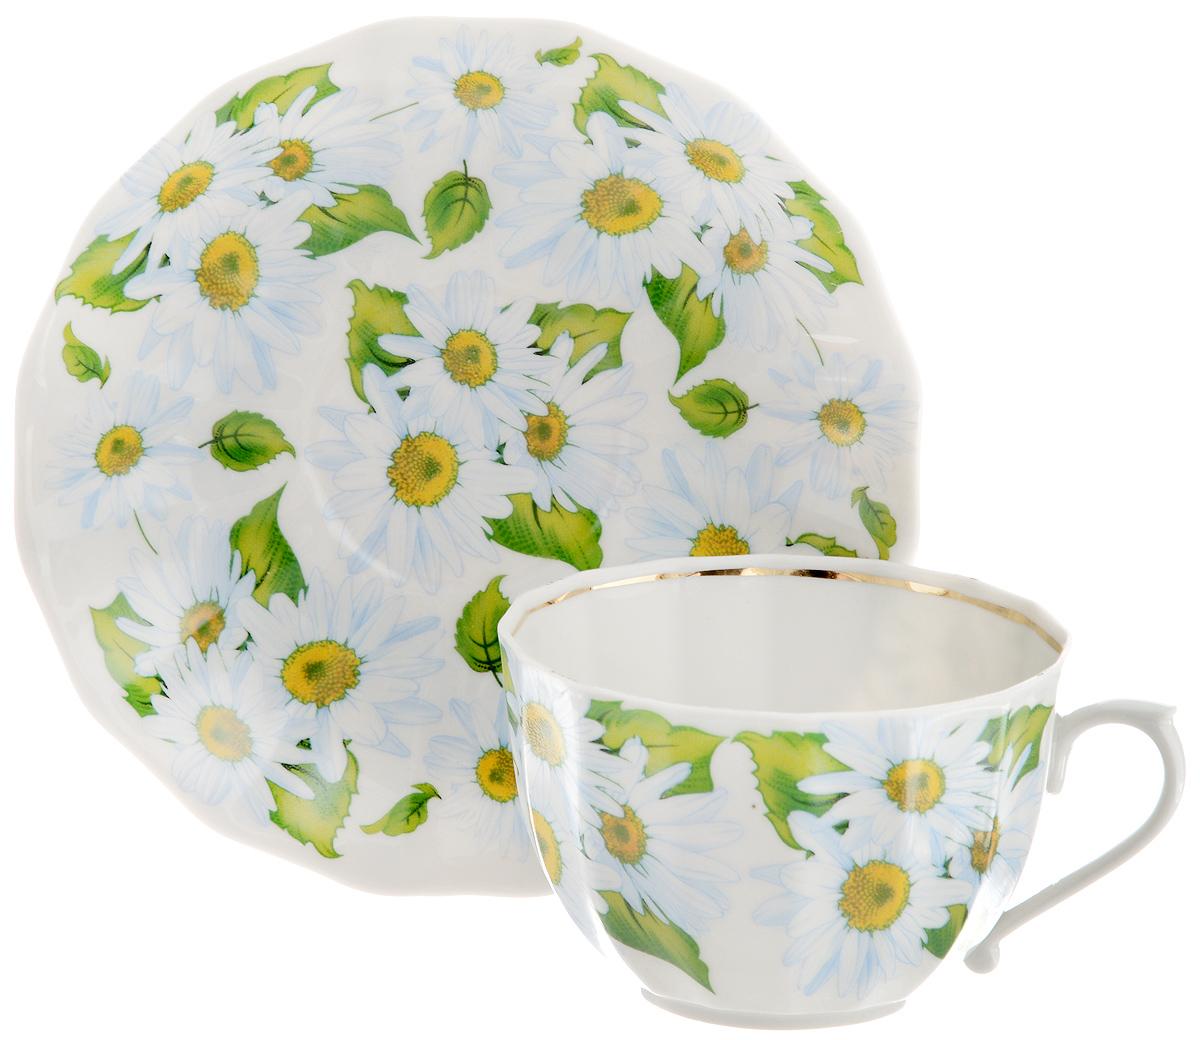 Чайная пара Фарфор Вербилок Любит - не любит, 2 предмета115510Чайная пара Фарфор Вербилок Любит - не любит состоит из чашки и блюдца, которые изготовлены из высококачественного фарфора и украшены красивым цветочным рисунком. Несмотря на то, что фарфор легкий и тонкий, он отличается необычайной прочностью и долговечностью. Изысканный утонченный дизайн придется по вкусу ценителям классики и тем, кто предпочитает современный стиль.Чайная пара Любит - не любит украсит ваш кухонный стол, а также станет замечательным подарком к любому празднику.Диаметр чашки (по верхнему краю): 8,5 см.Высота чашки: 5,5 см.Объем чашки: 180 мл.Диаметр блюдца: 14,5 см.Высота блюдца: 2 см.